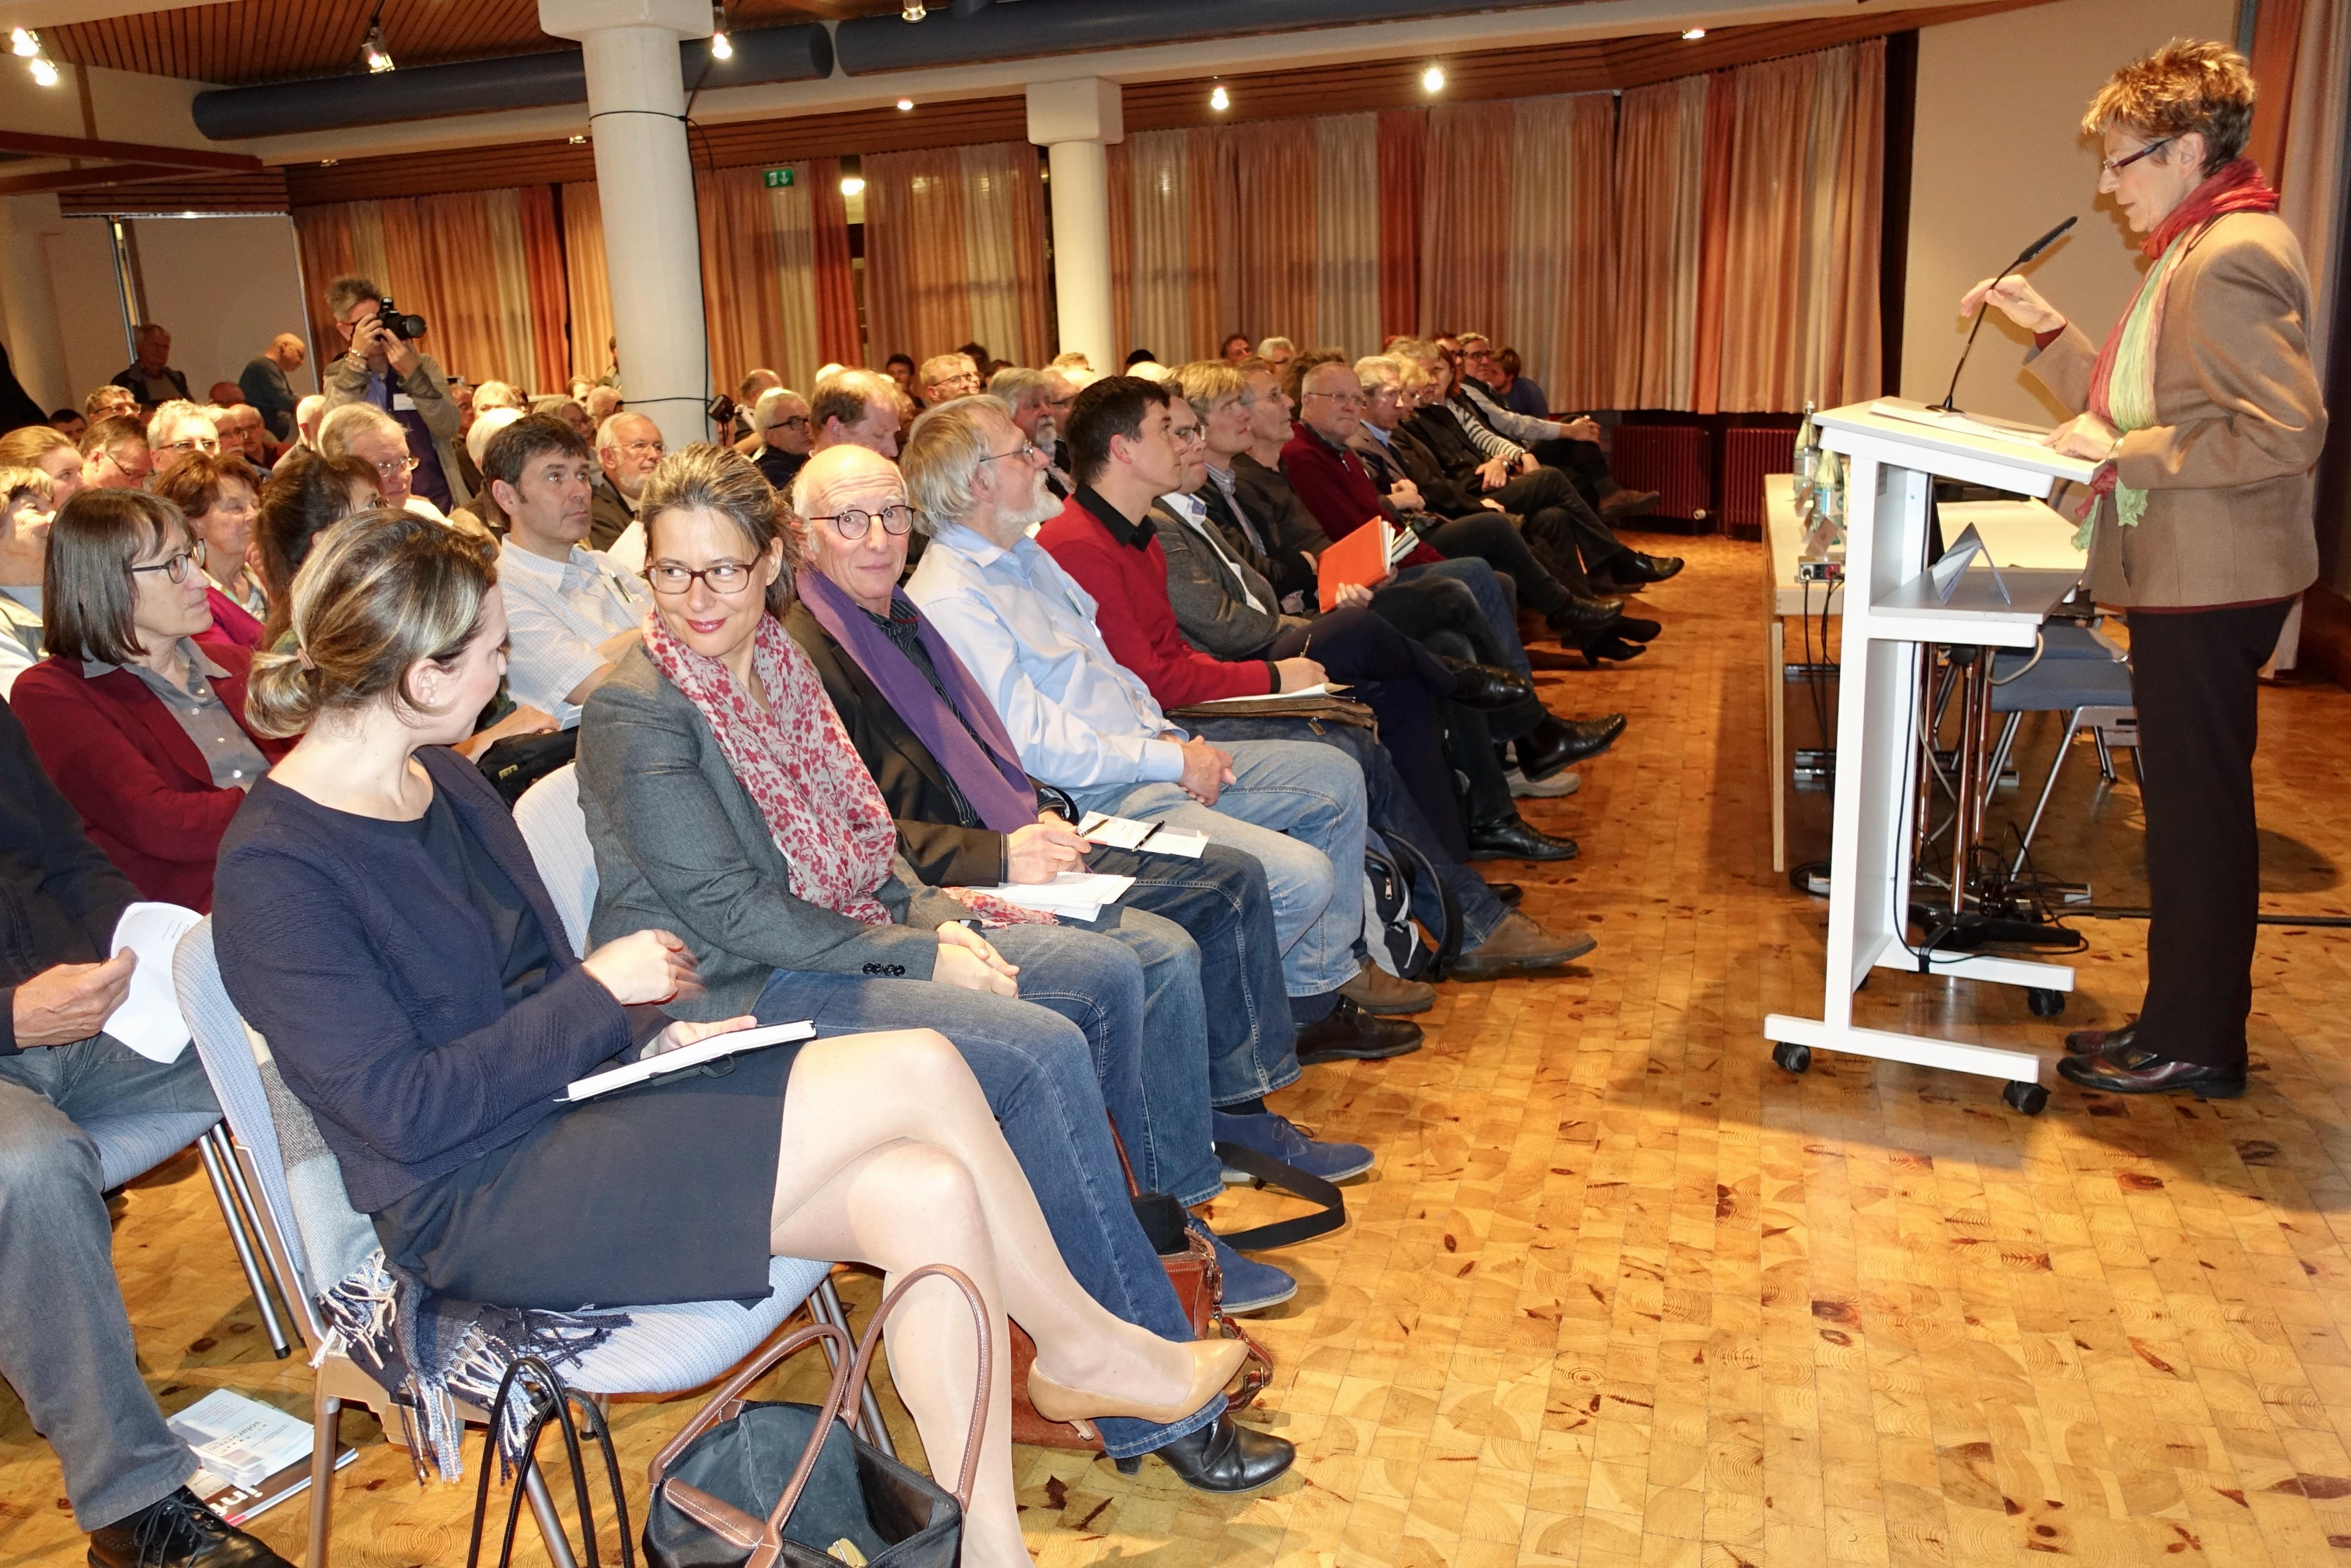 Hanne Barth vom Solarverein Rems-Murr begrüßt die gut besuchte Veranstaltung.